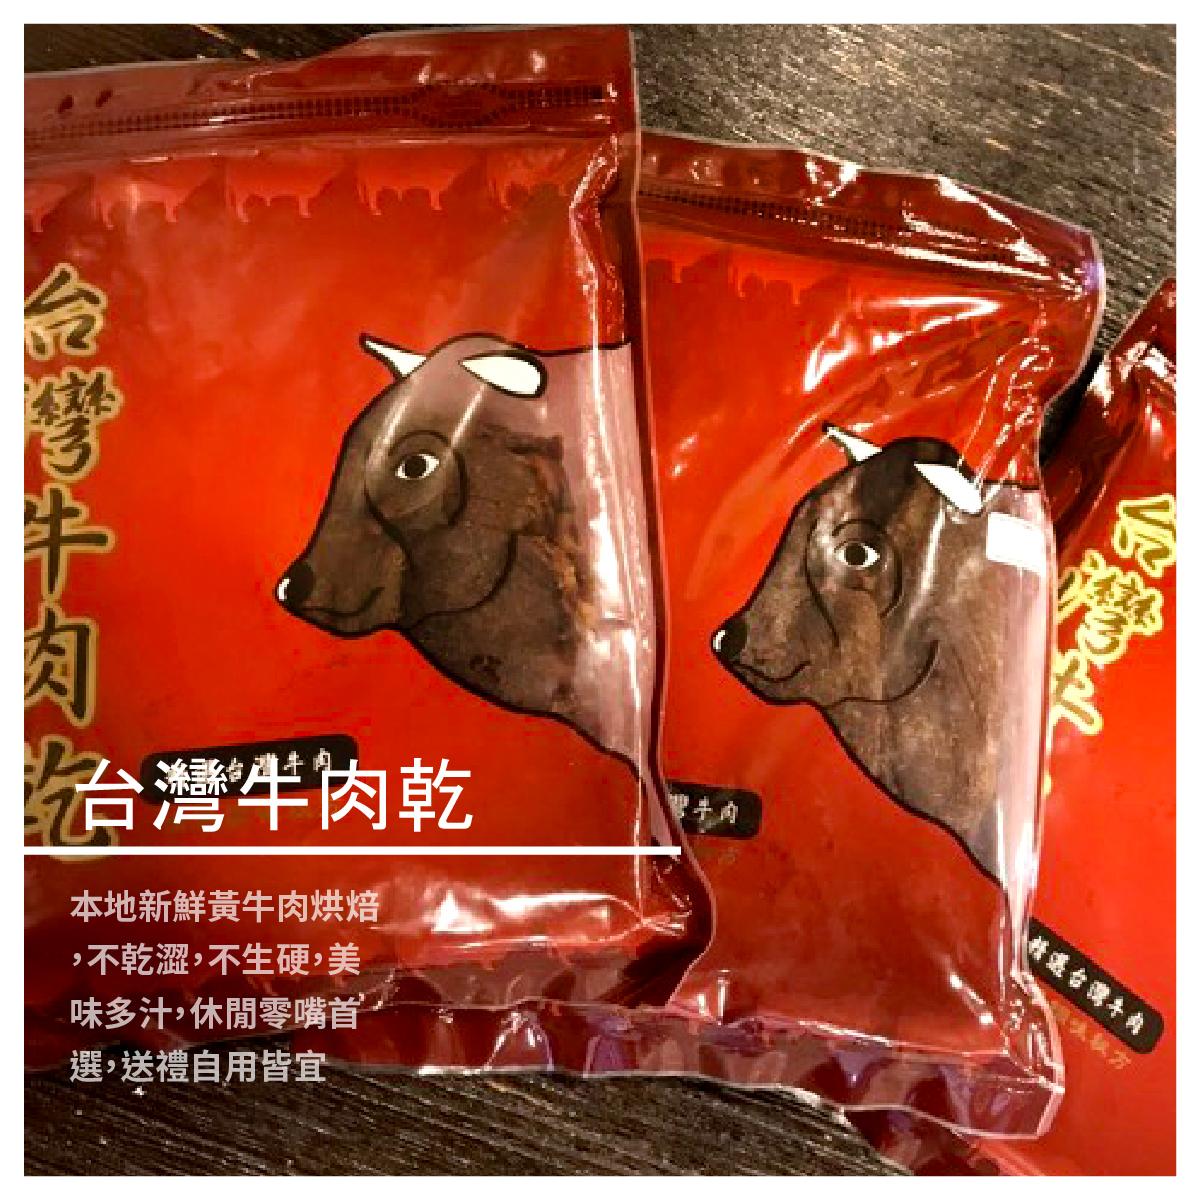 【老外一品牛肉麵】台灣牛肉乾6包組合優惠!(單包$390)